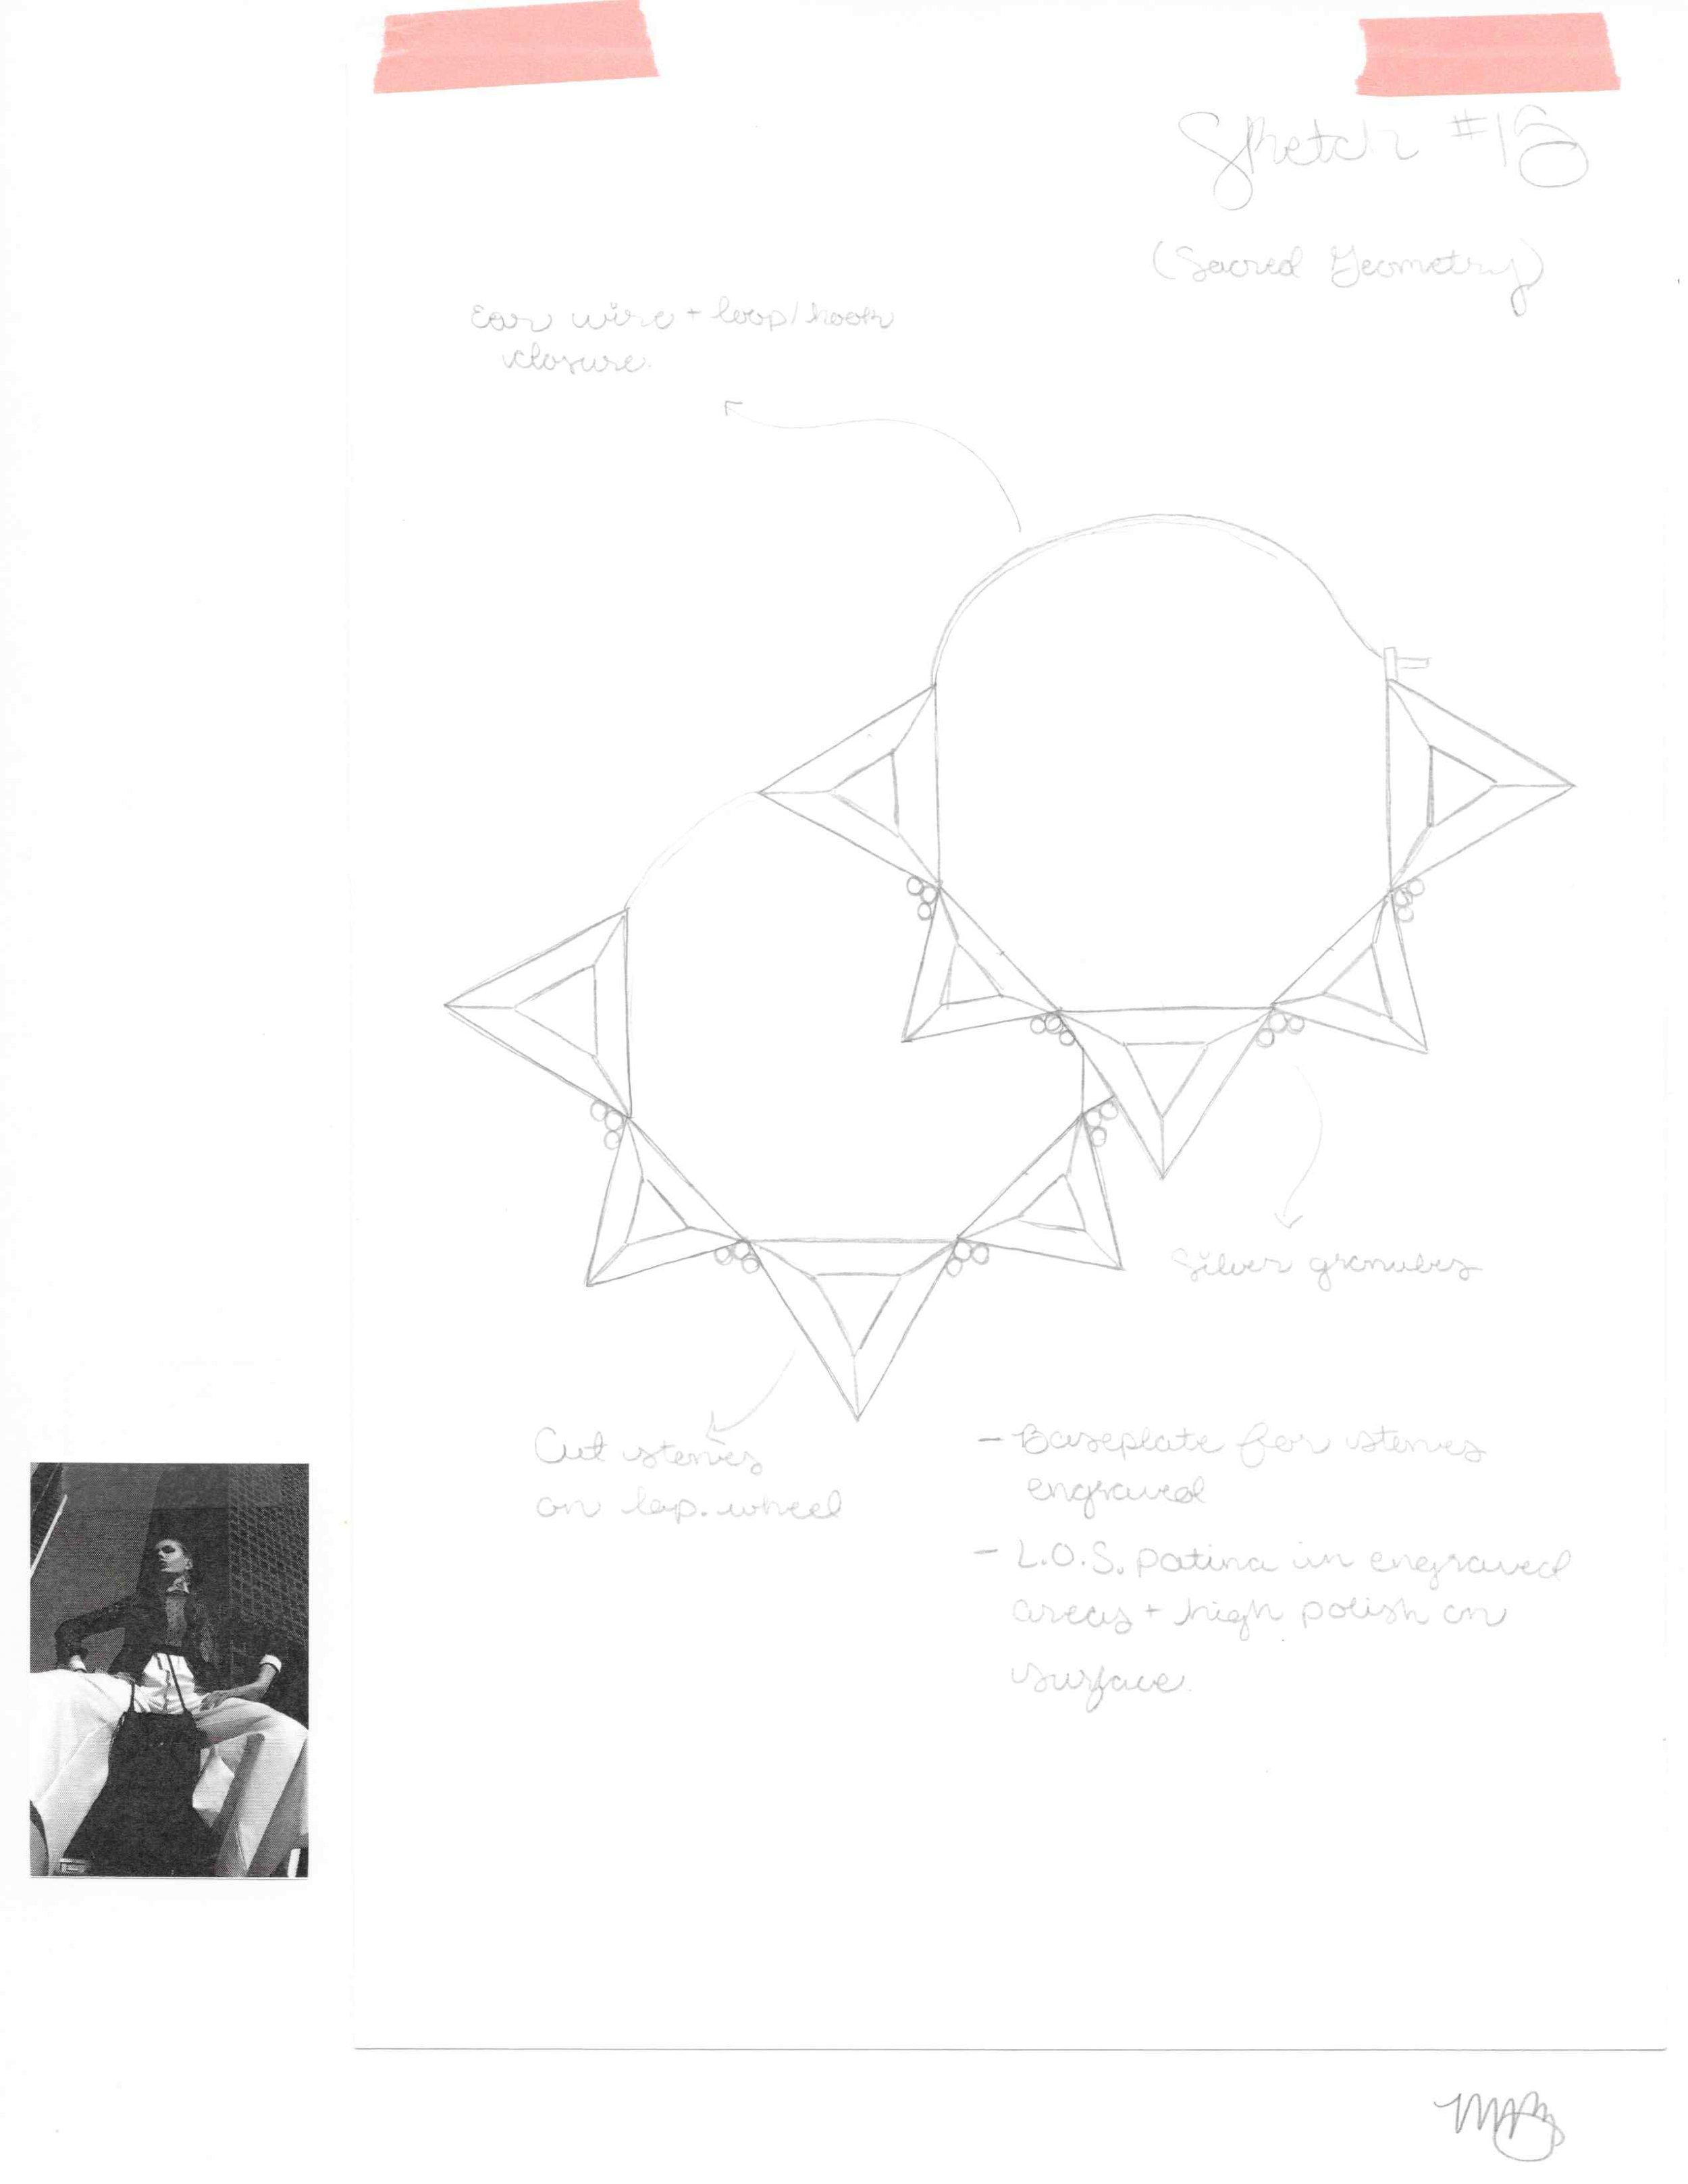 Usurper Sketch_015.jpg